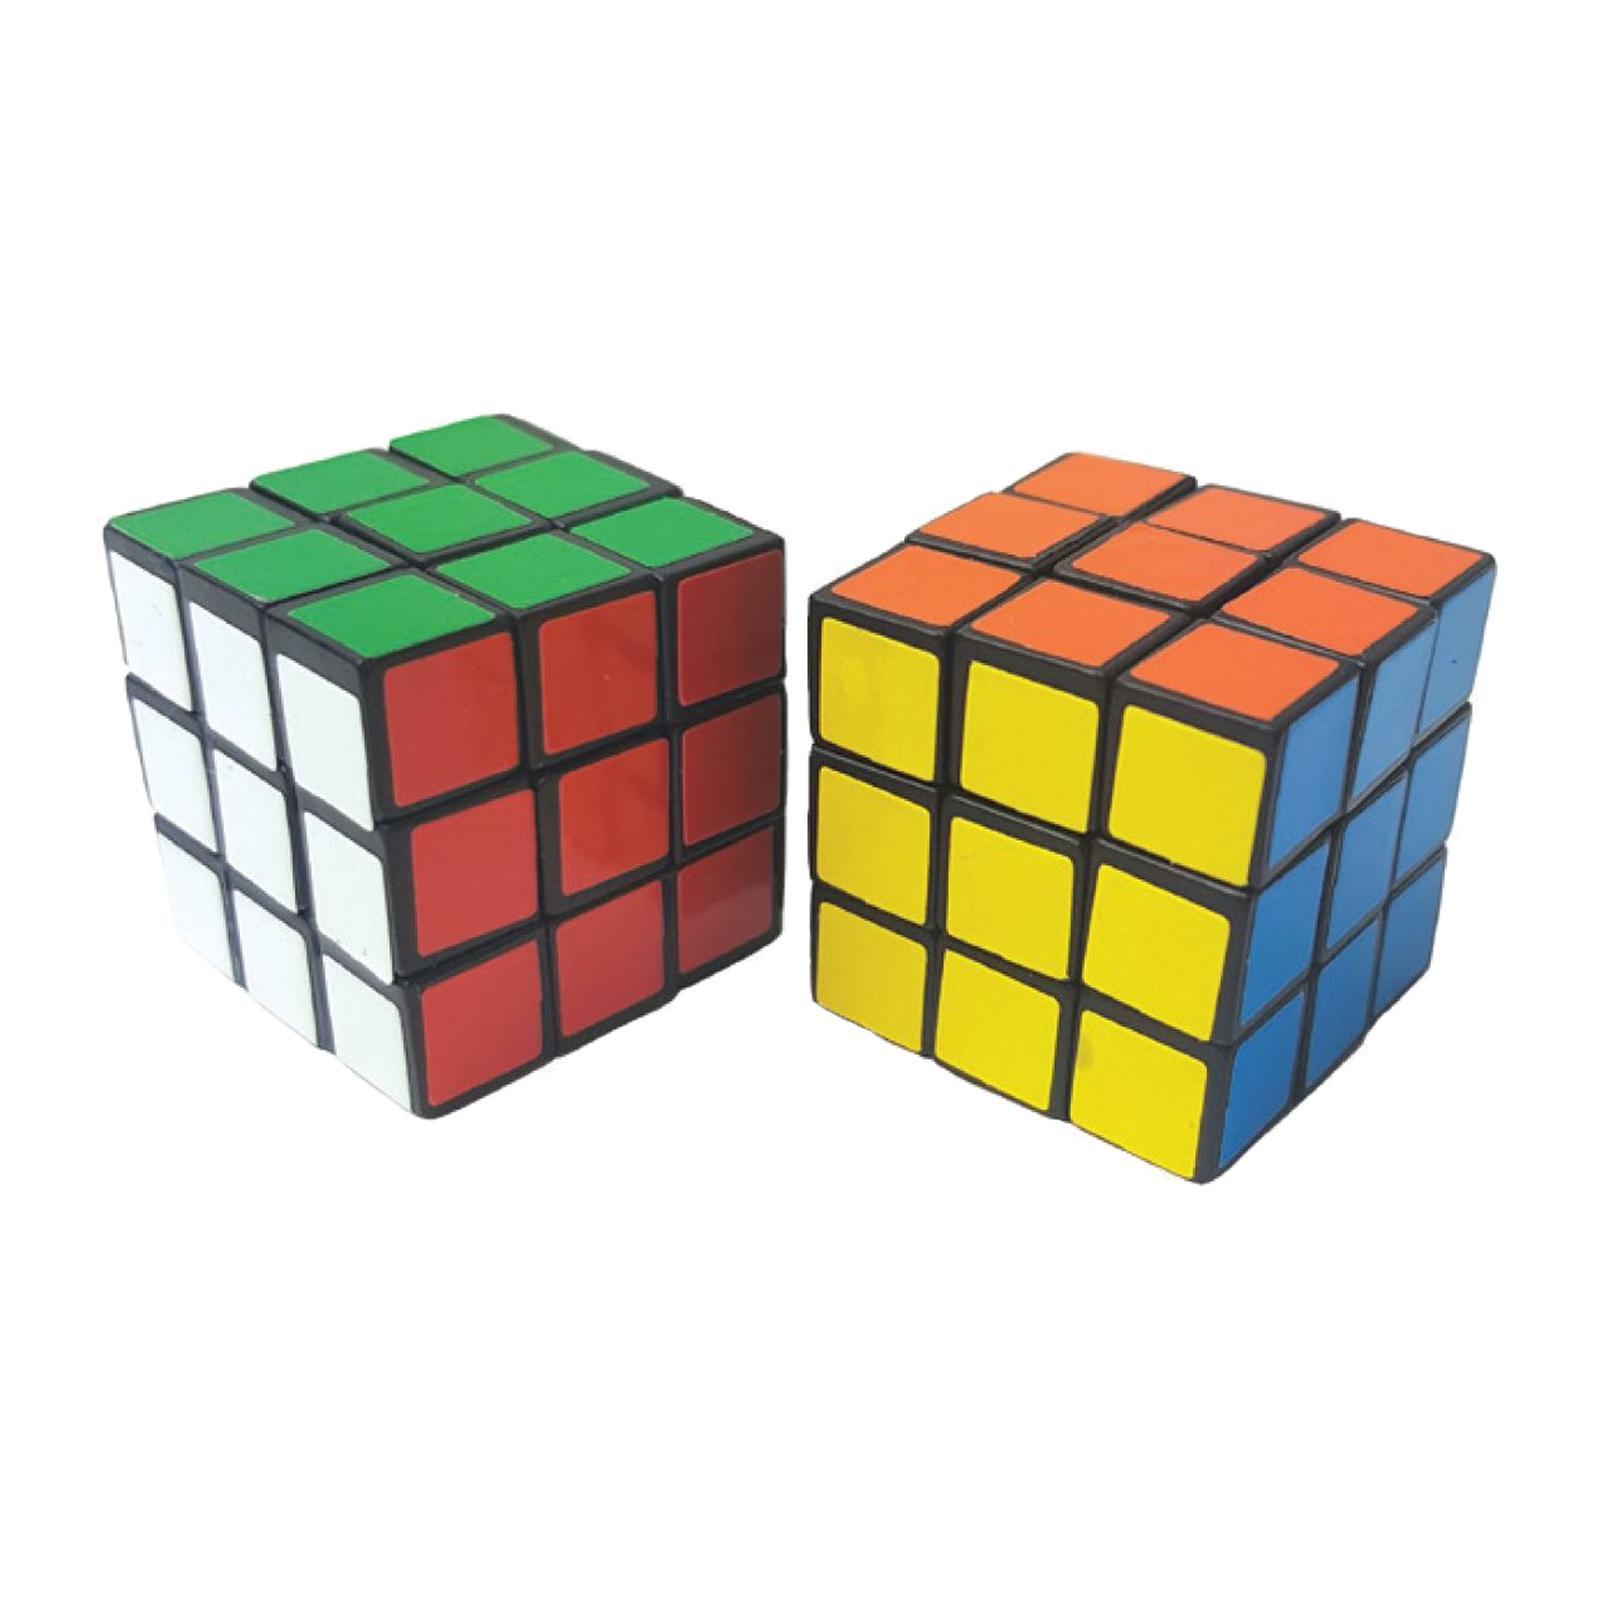 Artwrap Party Puzzle Cube